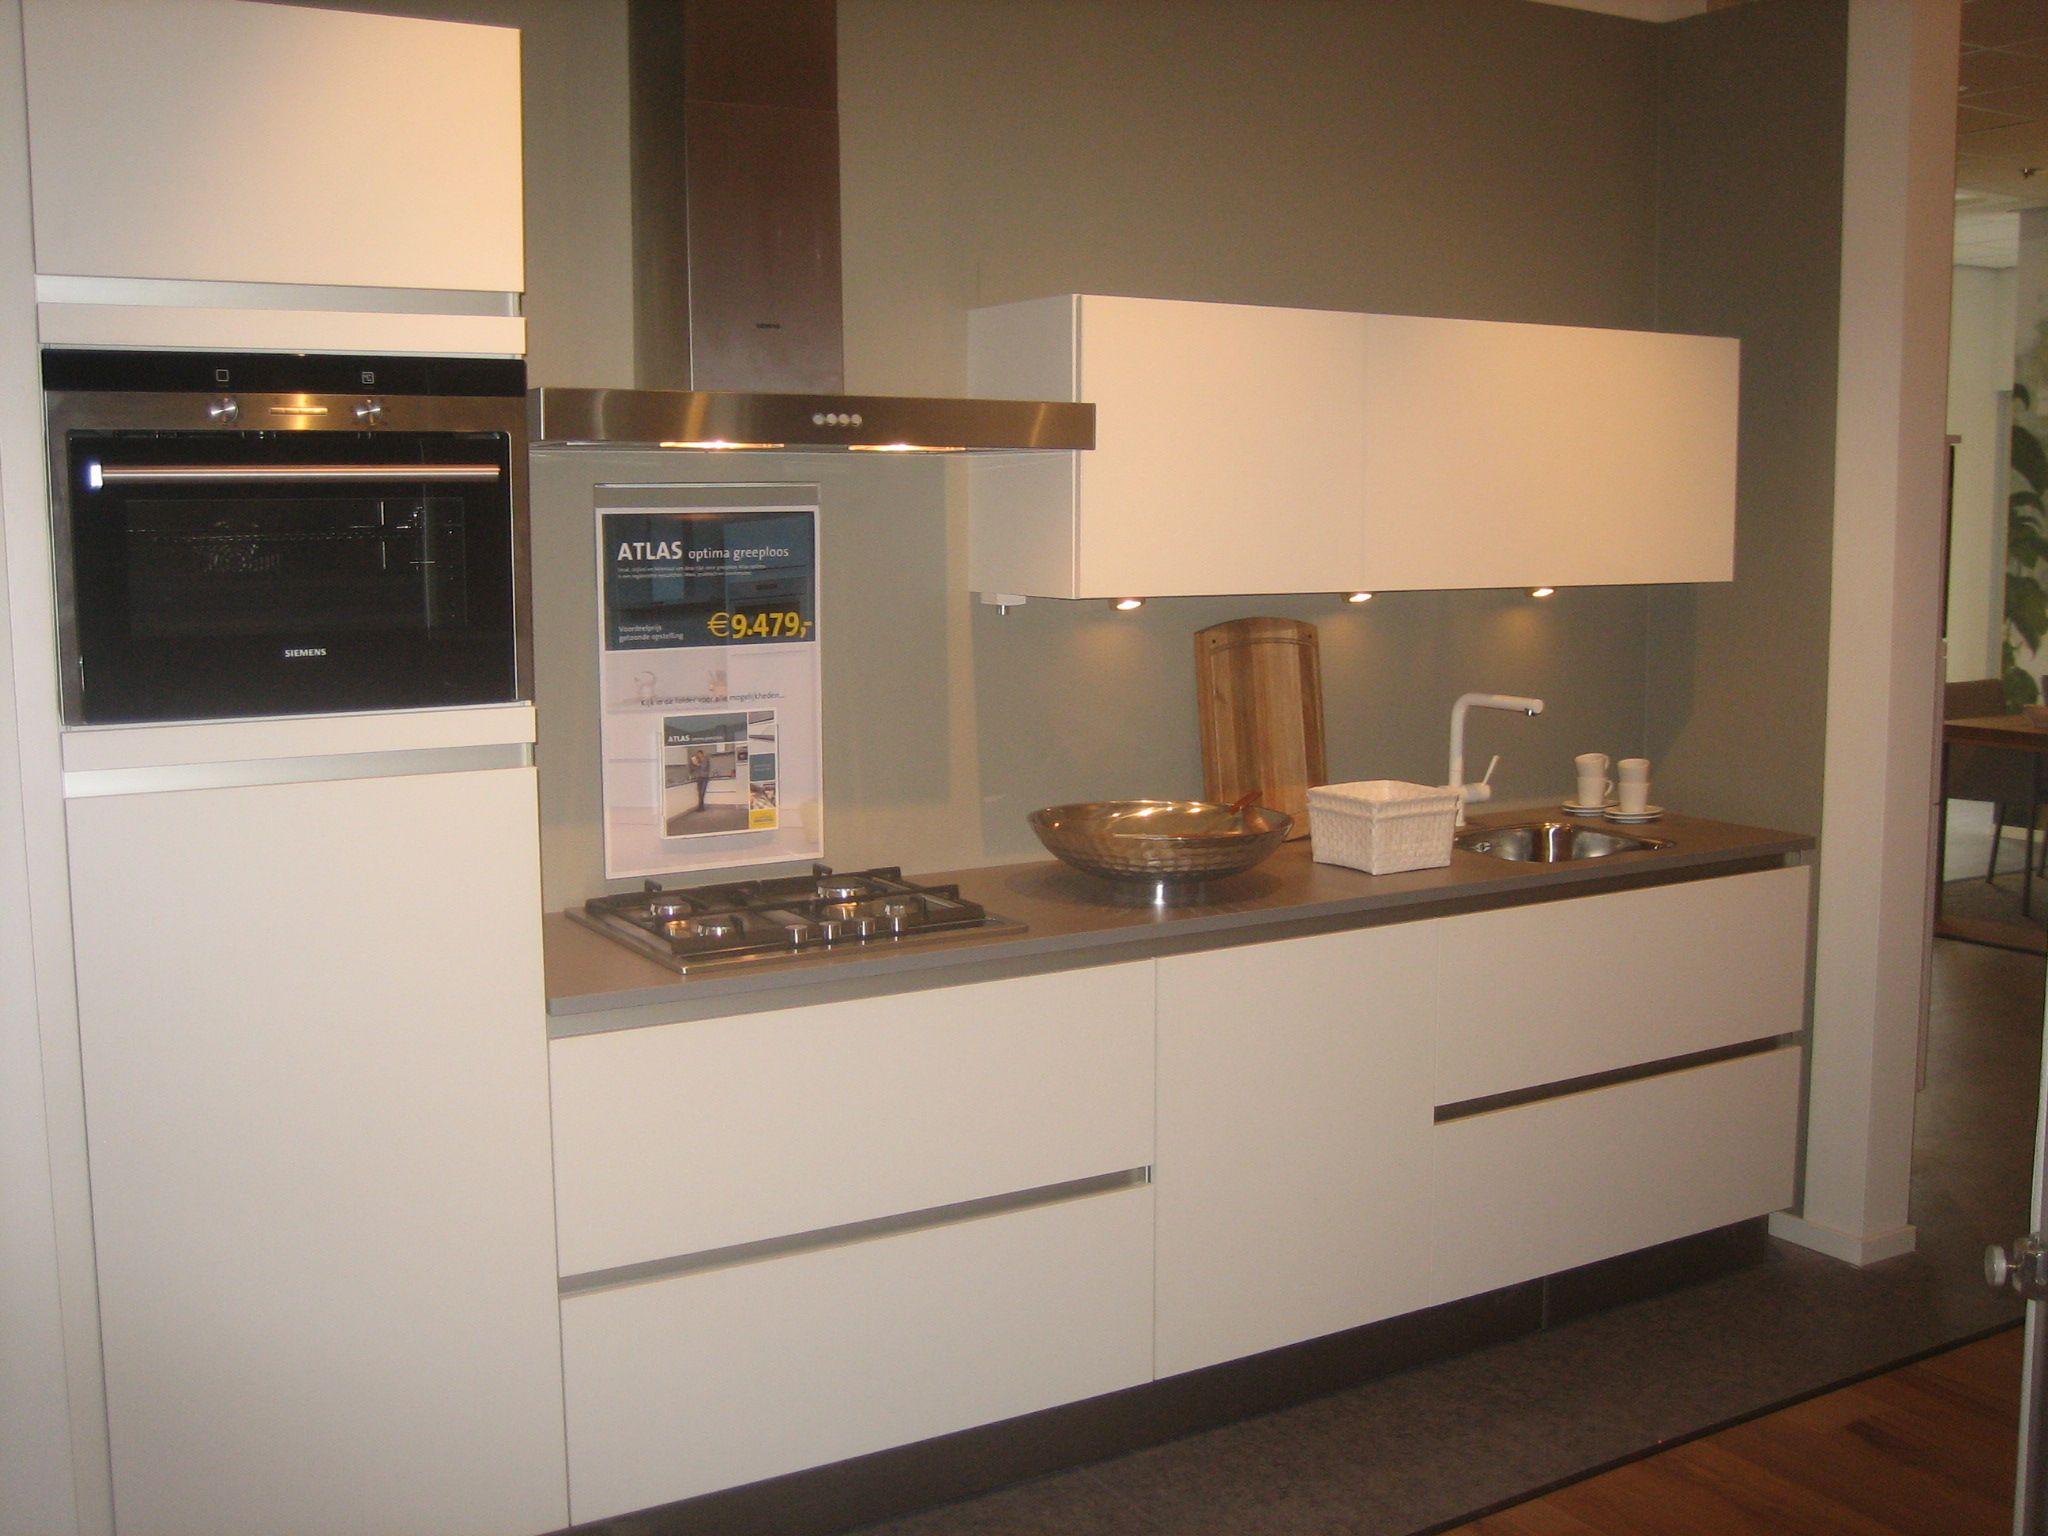 Moderne bruynzeel keuken atlas greeploos beste inspiratie voor huis ontwerp - Afbeelding moderne keuken ...